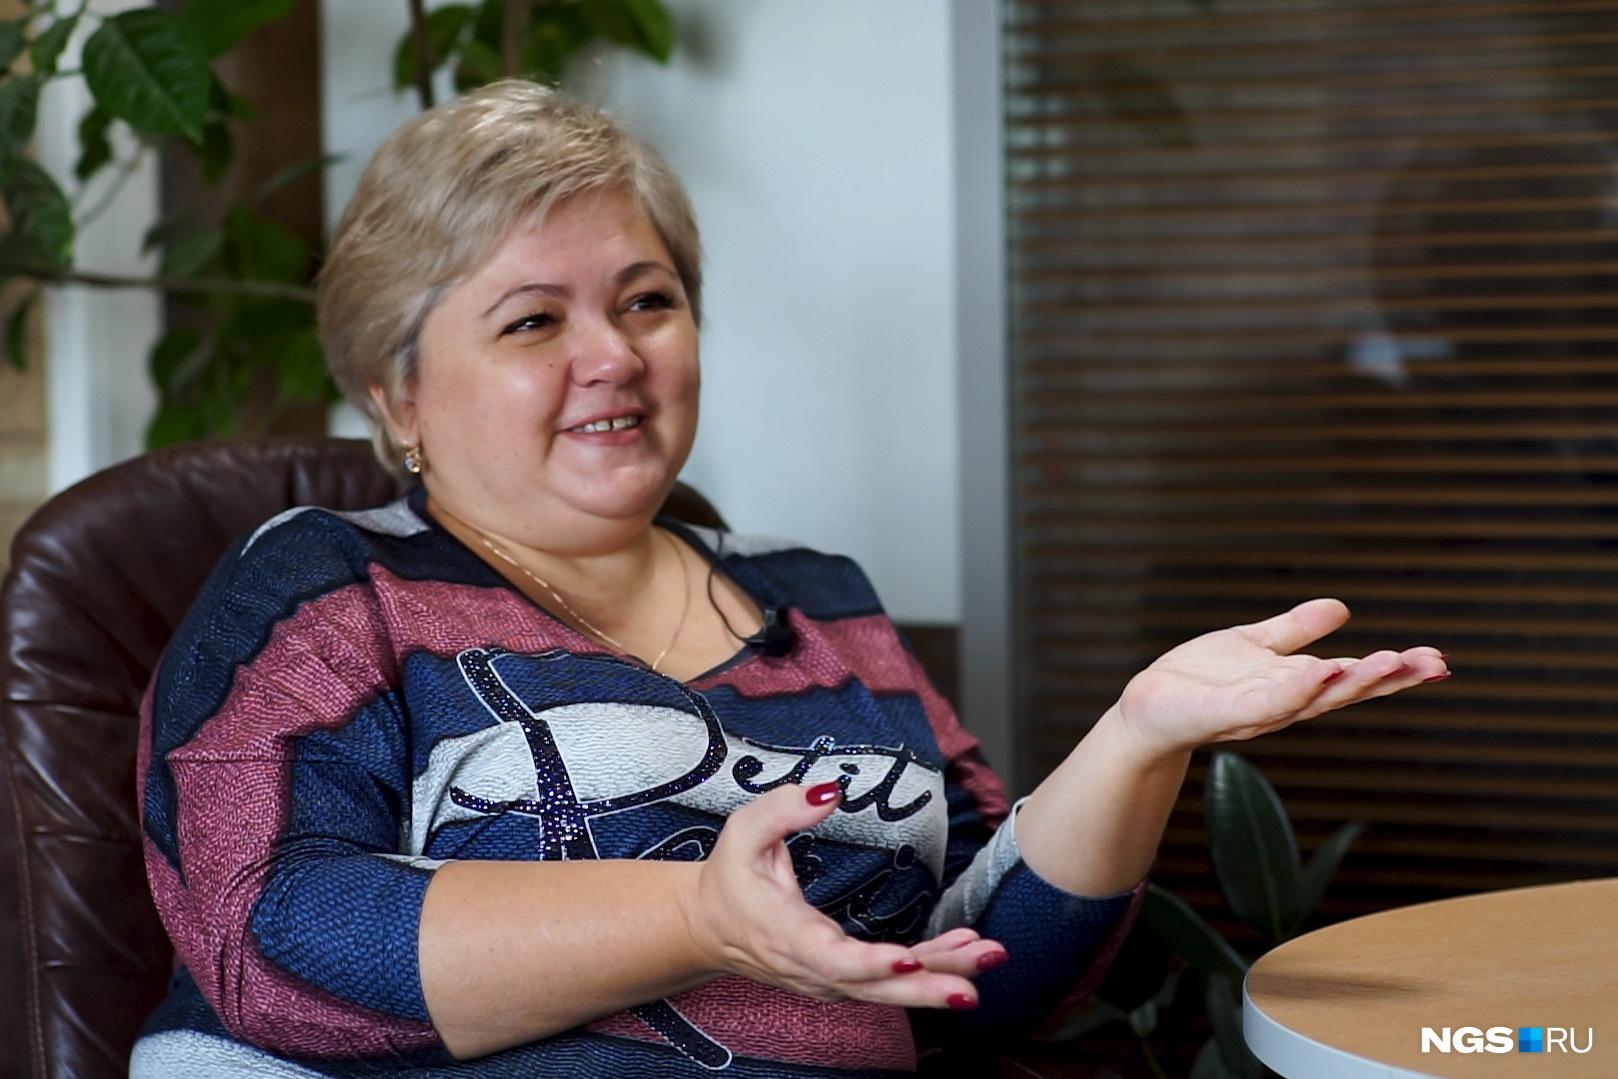 Сейчас Наталья вяжет игрушки и надеется на скорое появление внуков